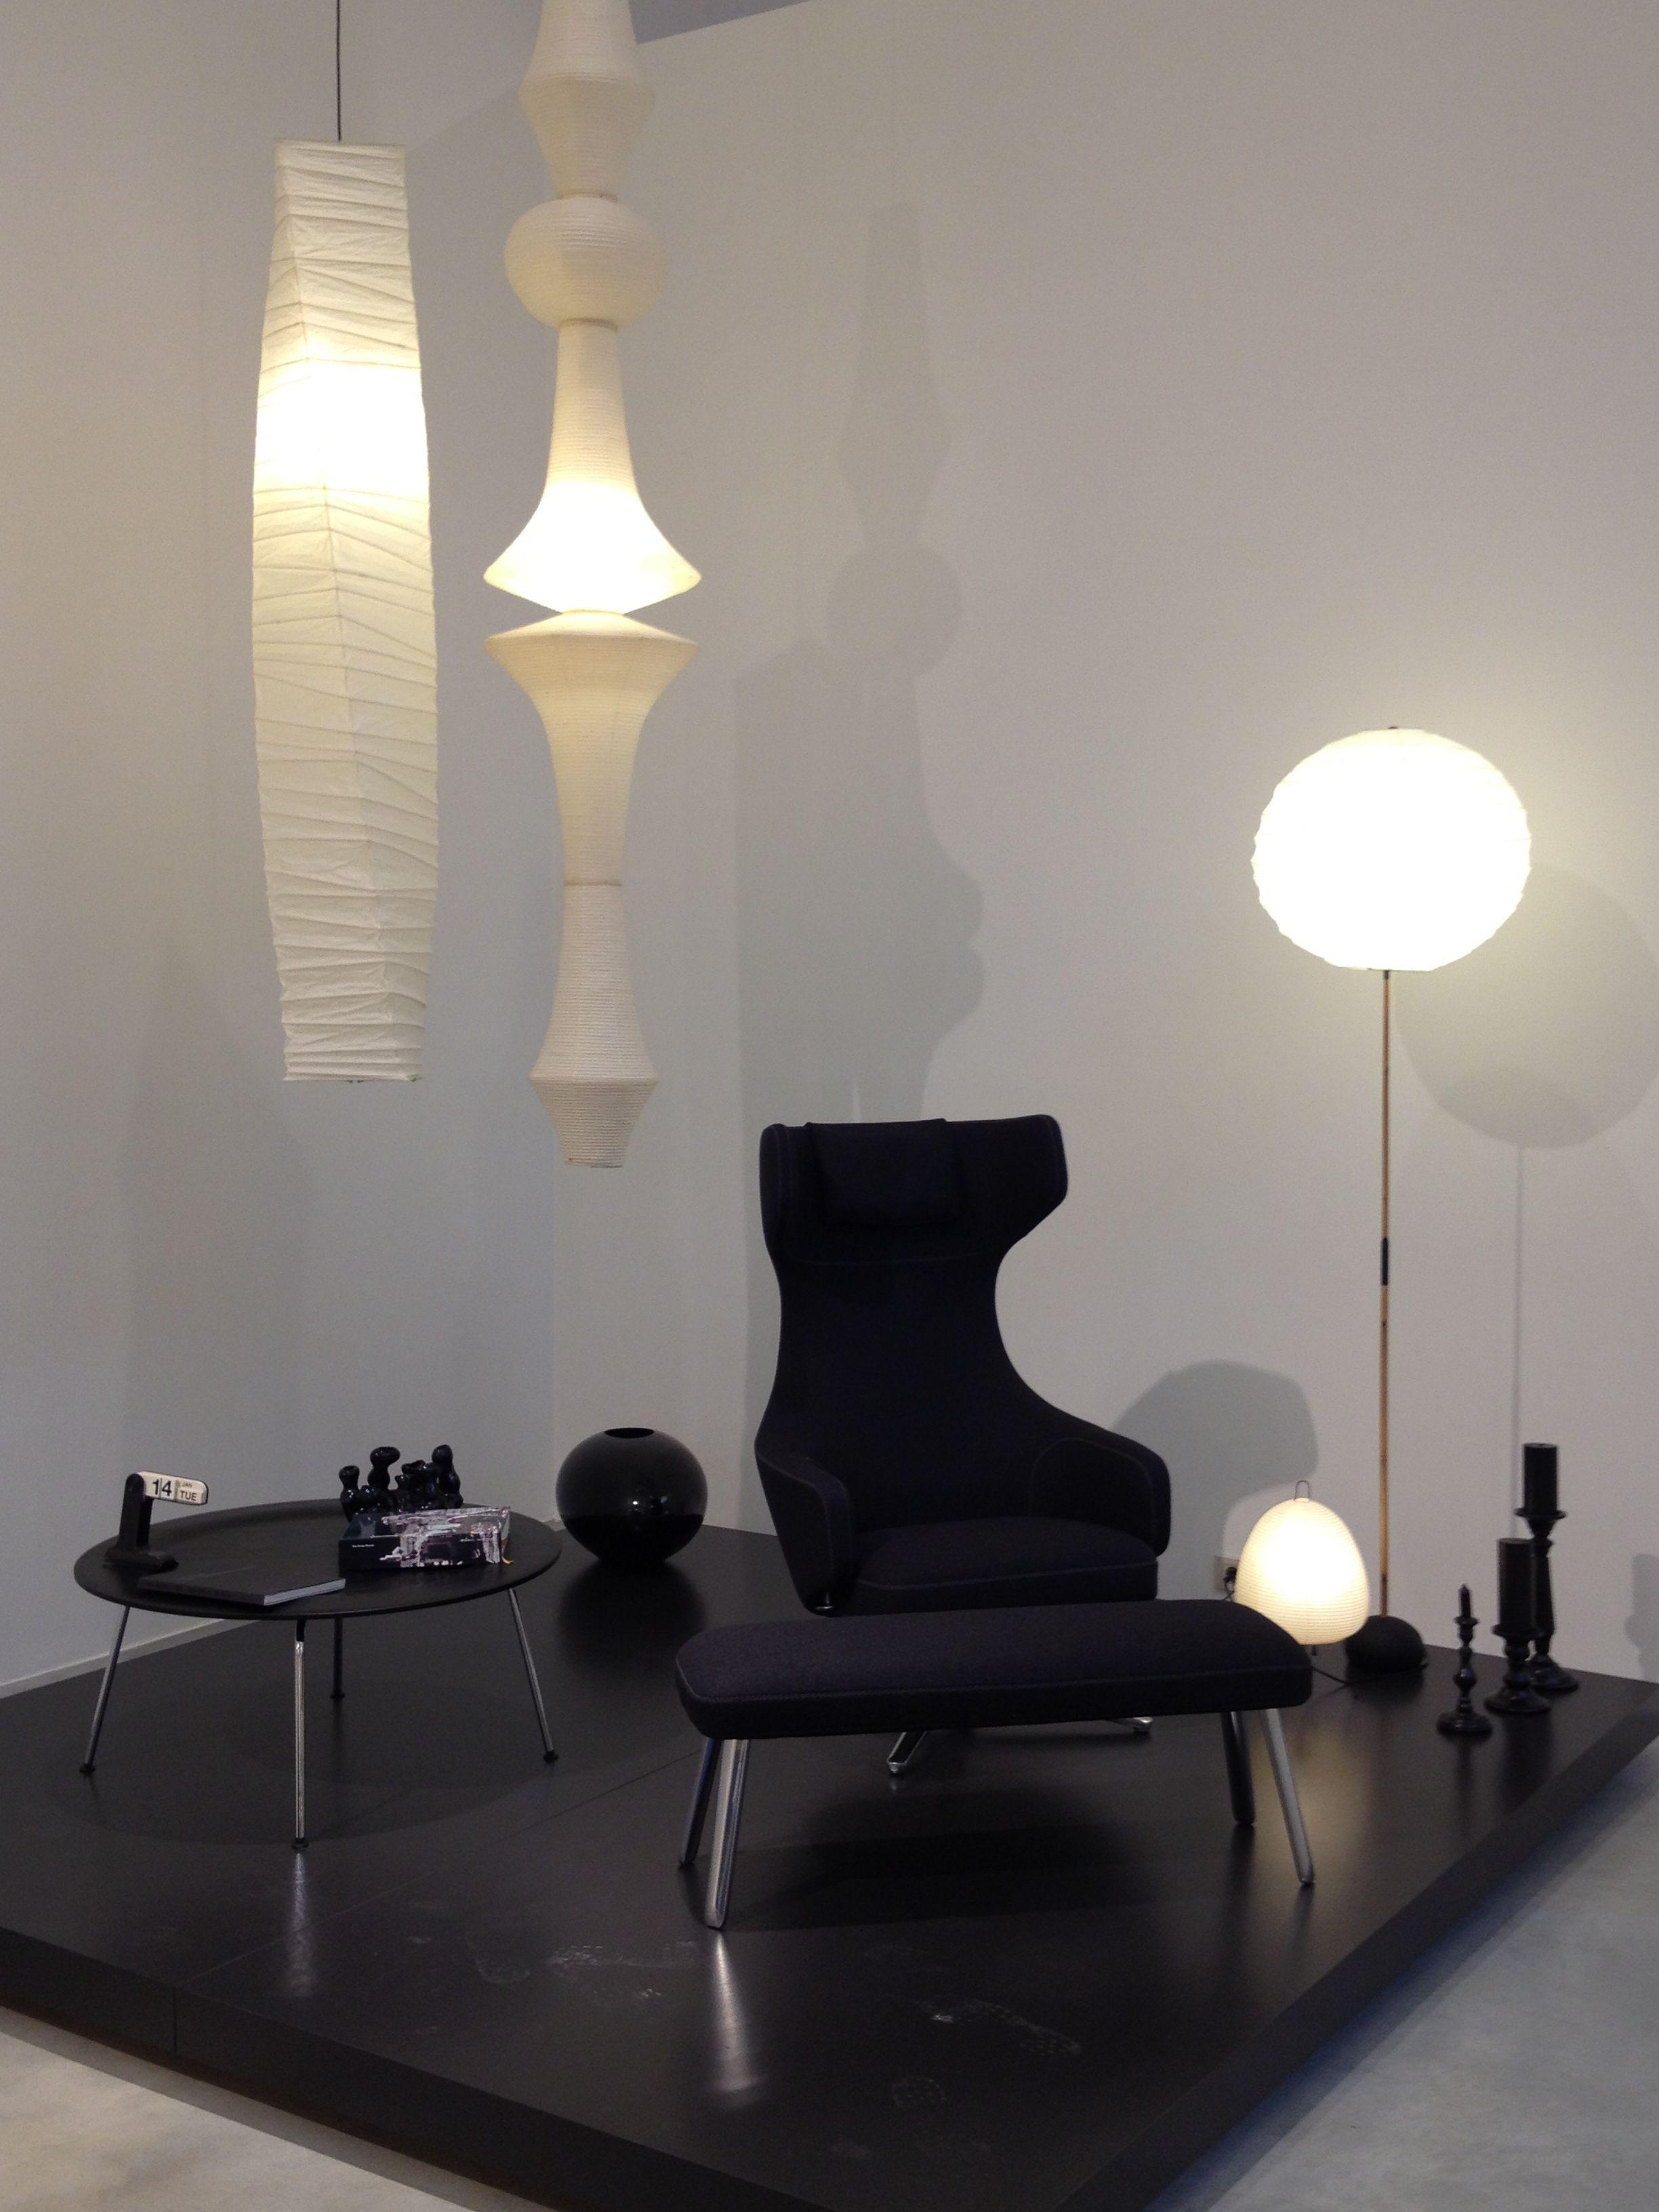 Lampe Akari Light Sculptures De Isamu Noguchi 1951 Chaise Grand